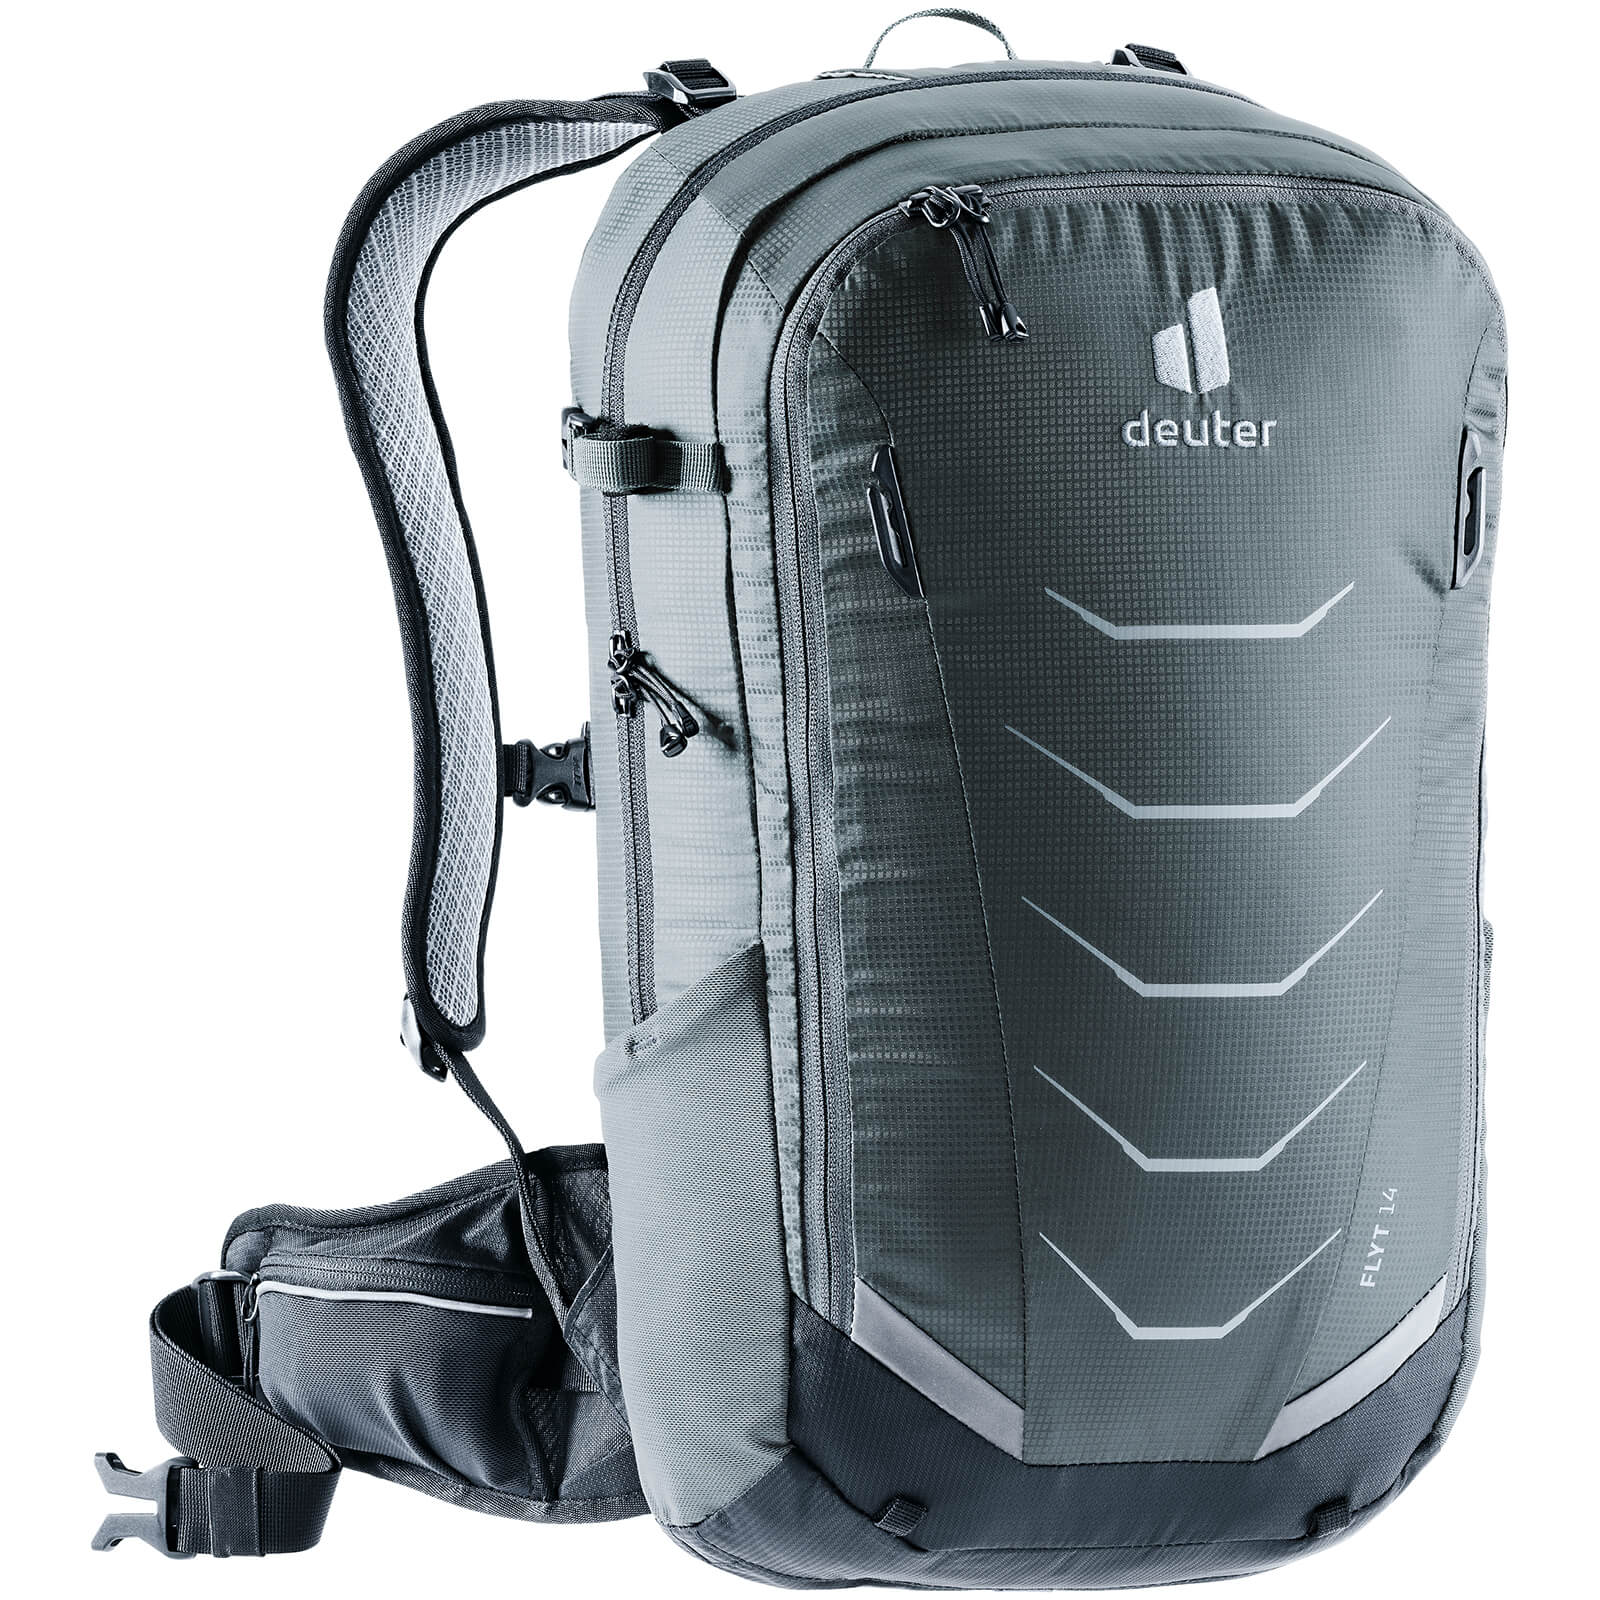 deuter Flyt 14 Backpack - Graphite-Black